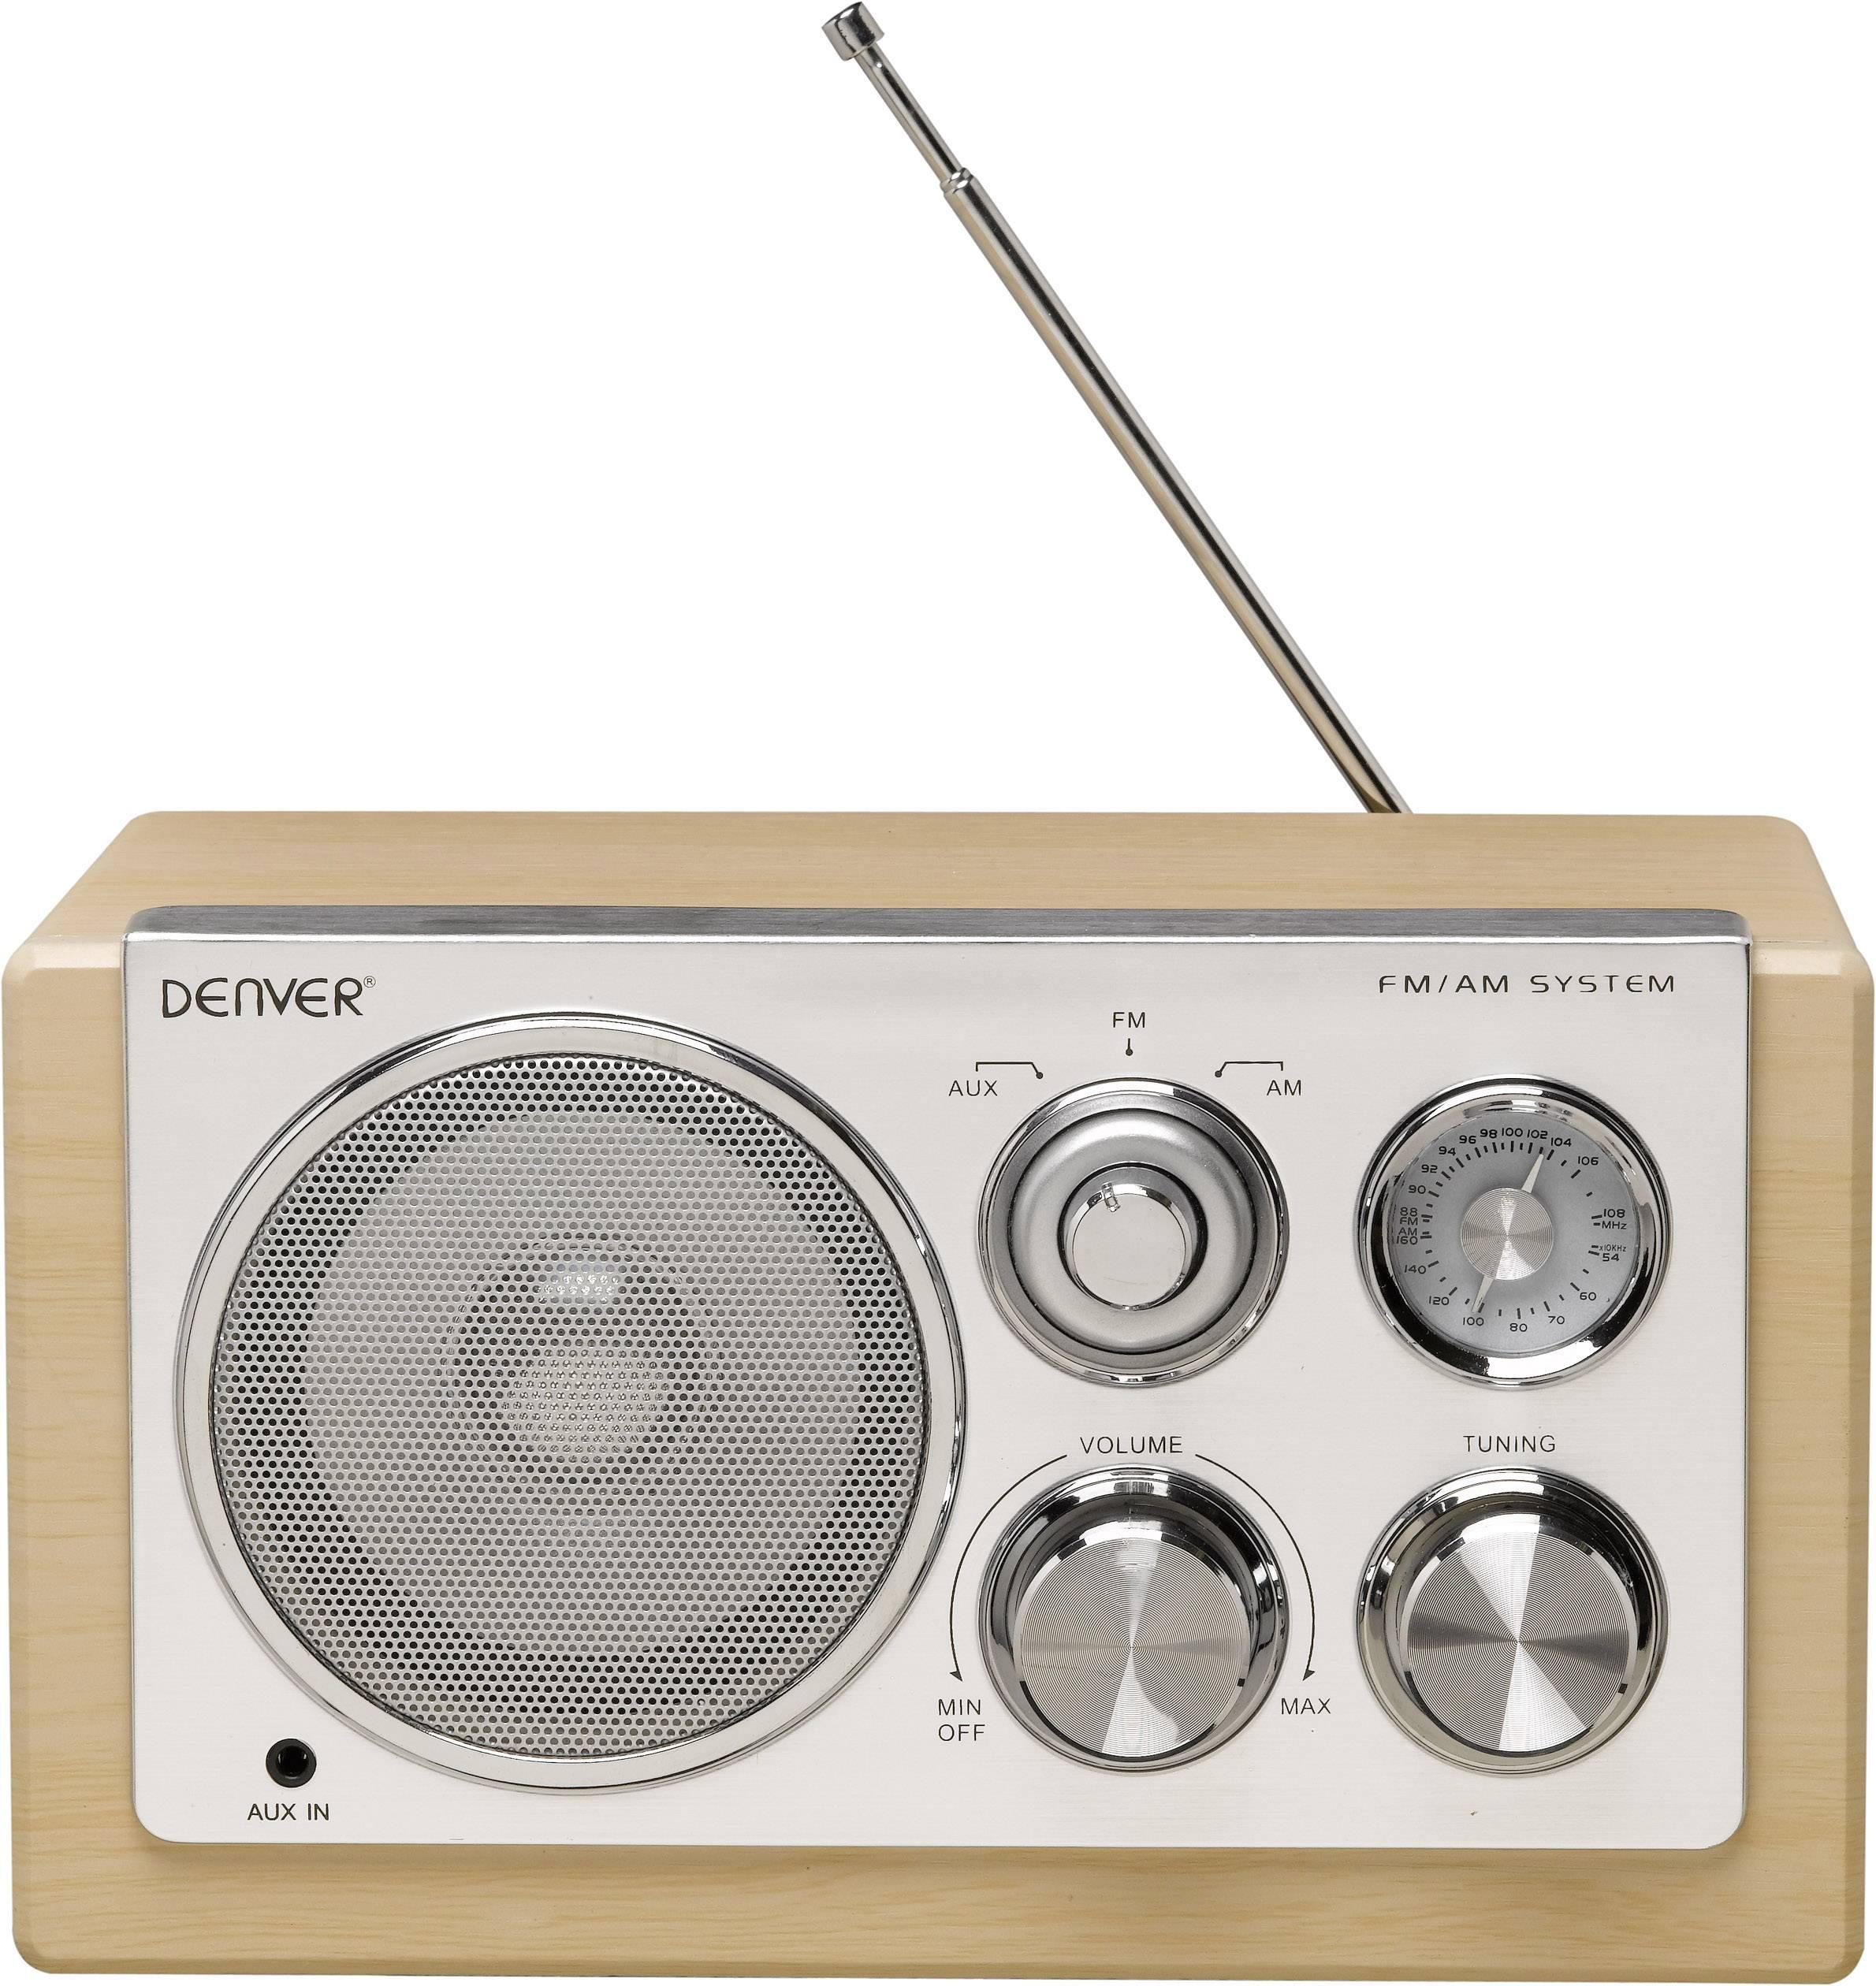 FM stolní rádio Denver TR-61, AUX, SV, FM, dřevo